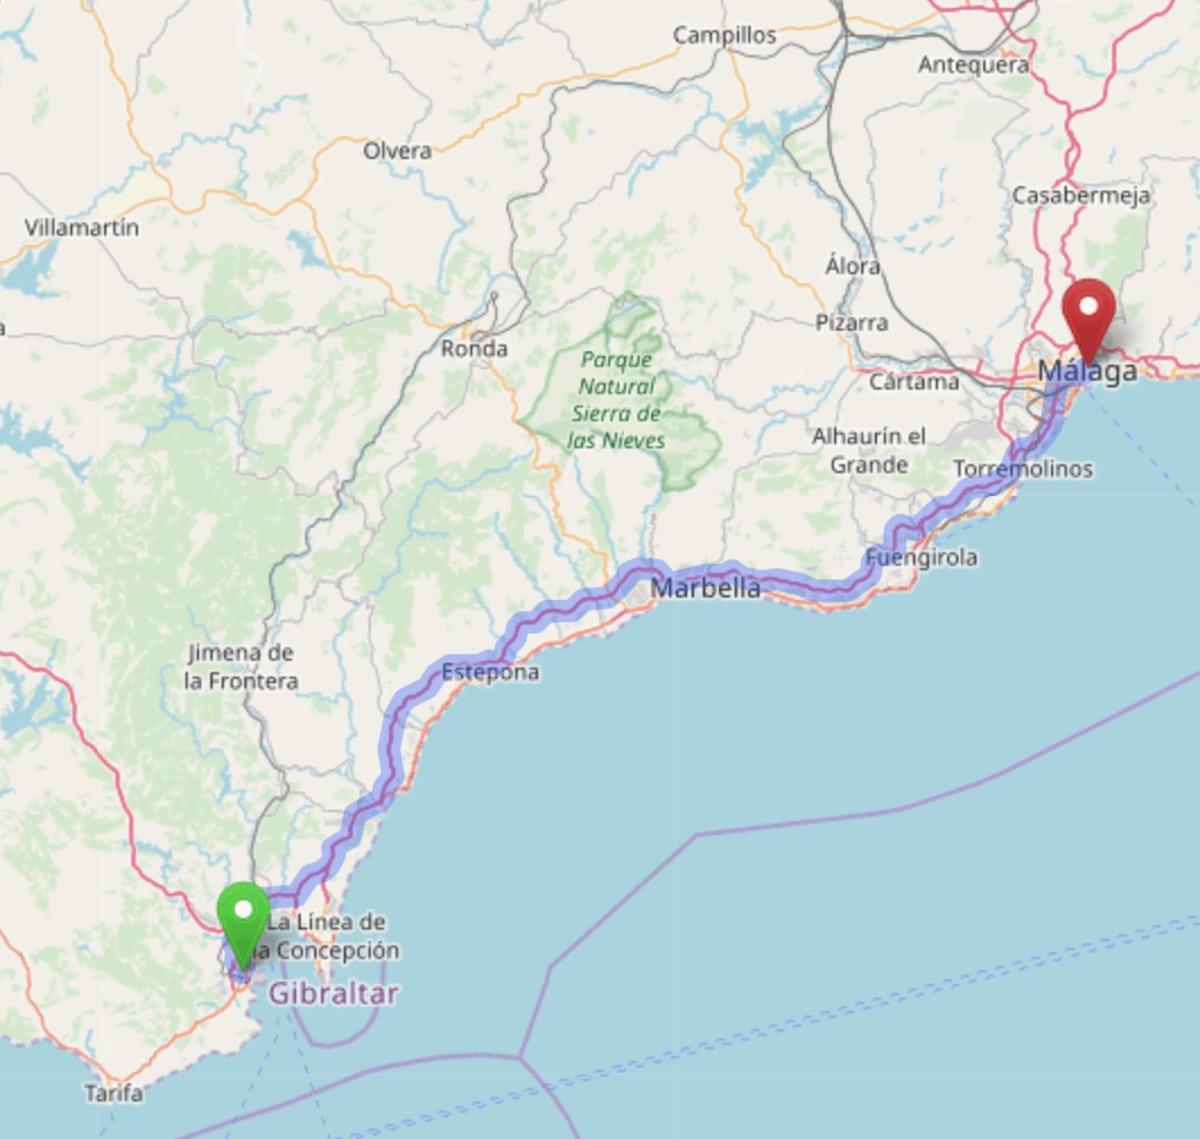 Mapa de la ruta en carretera de Algeciras a Málaga